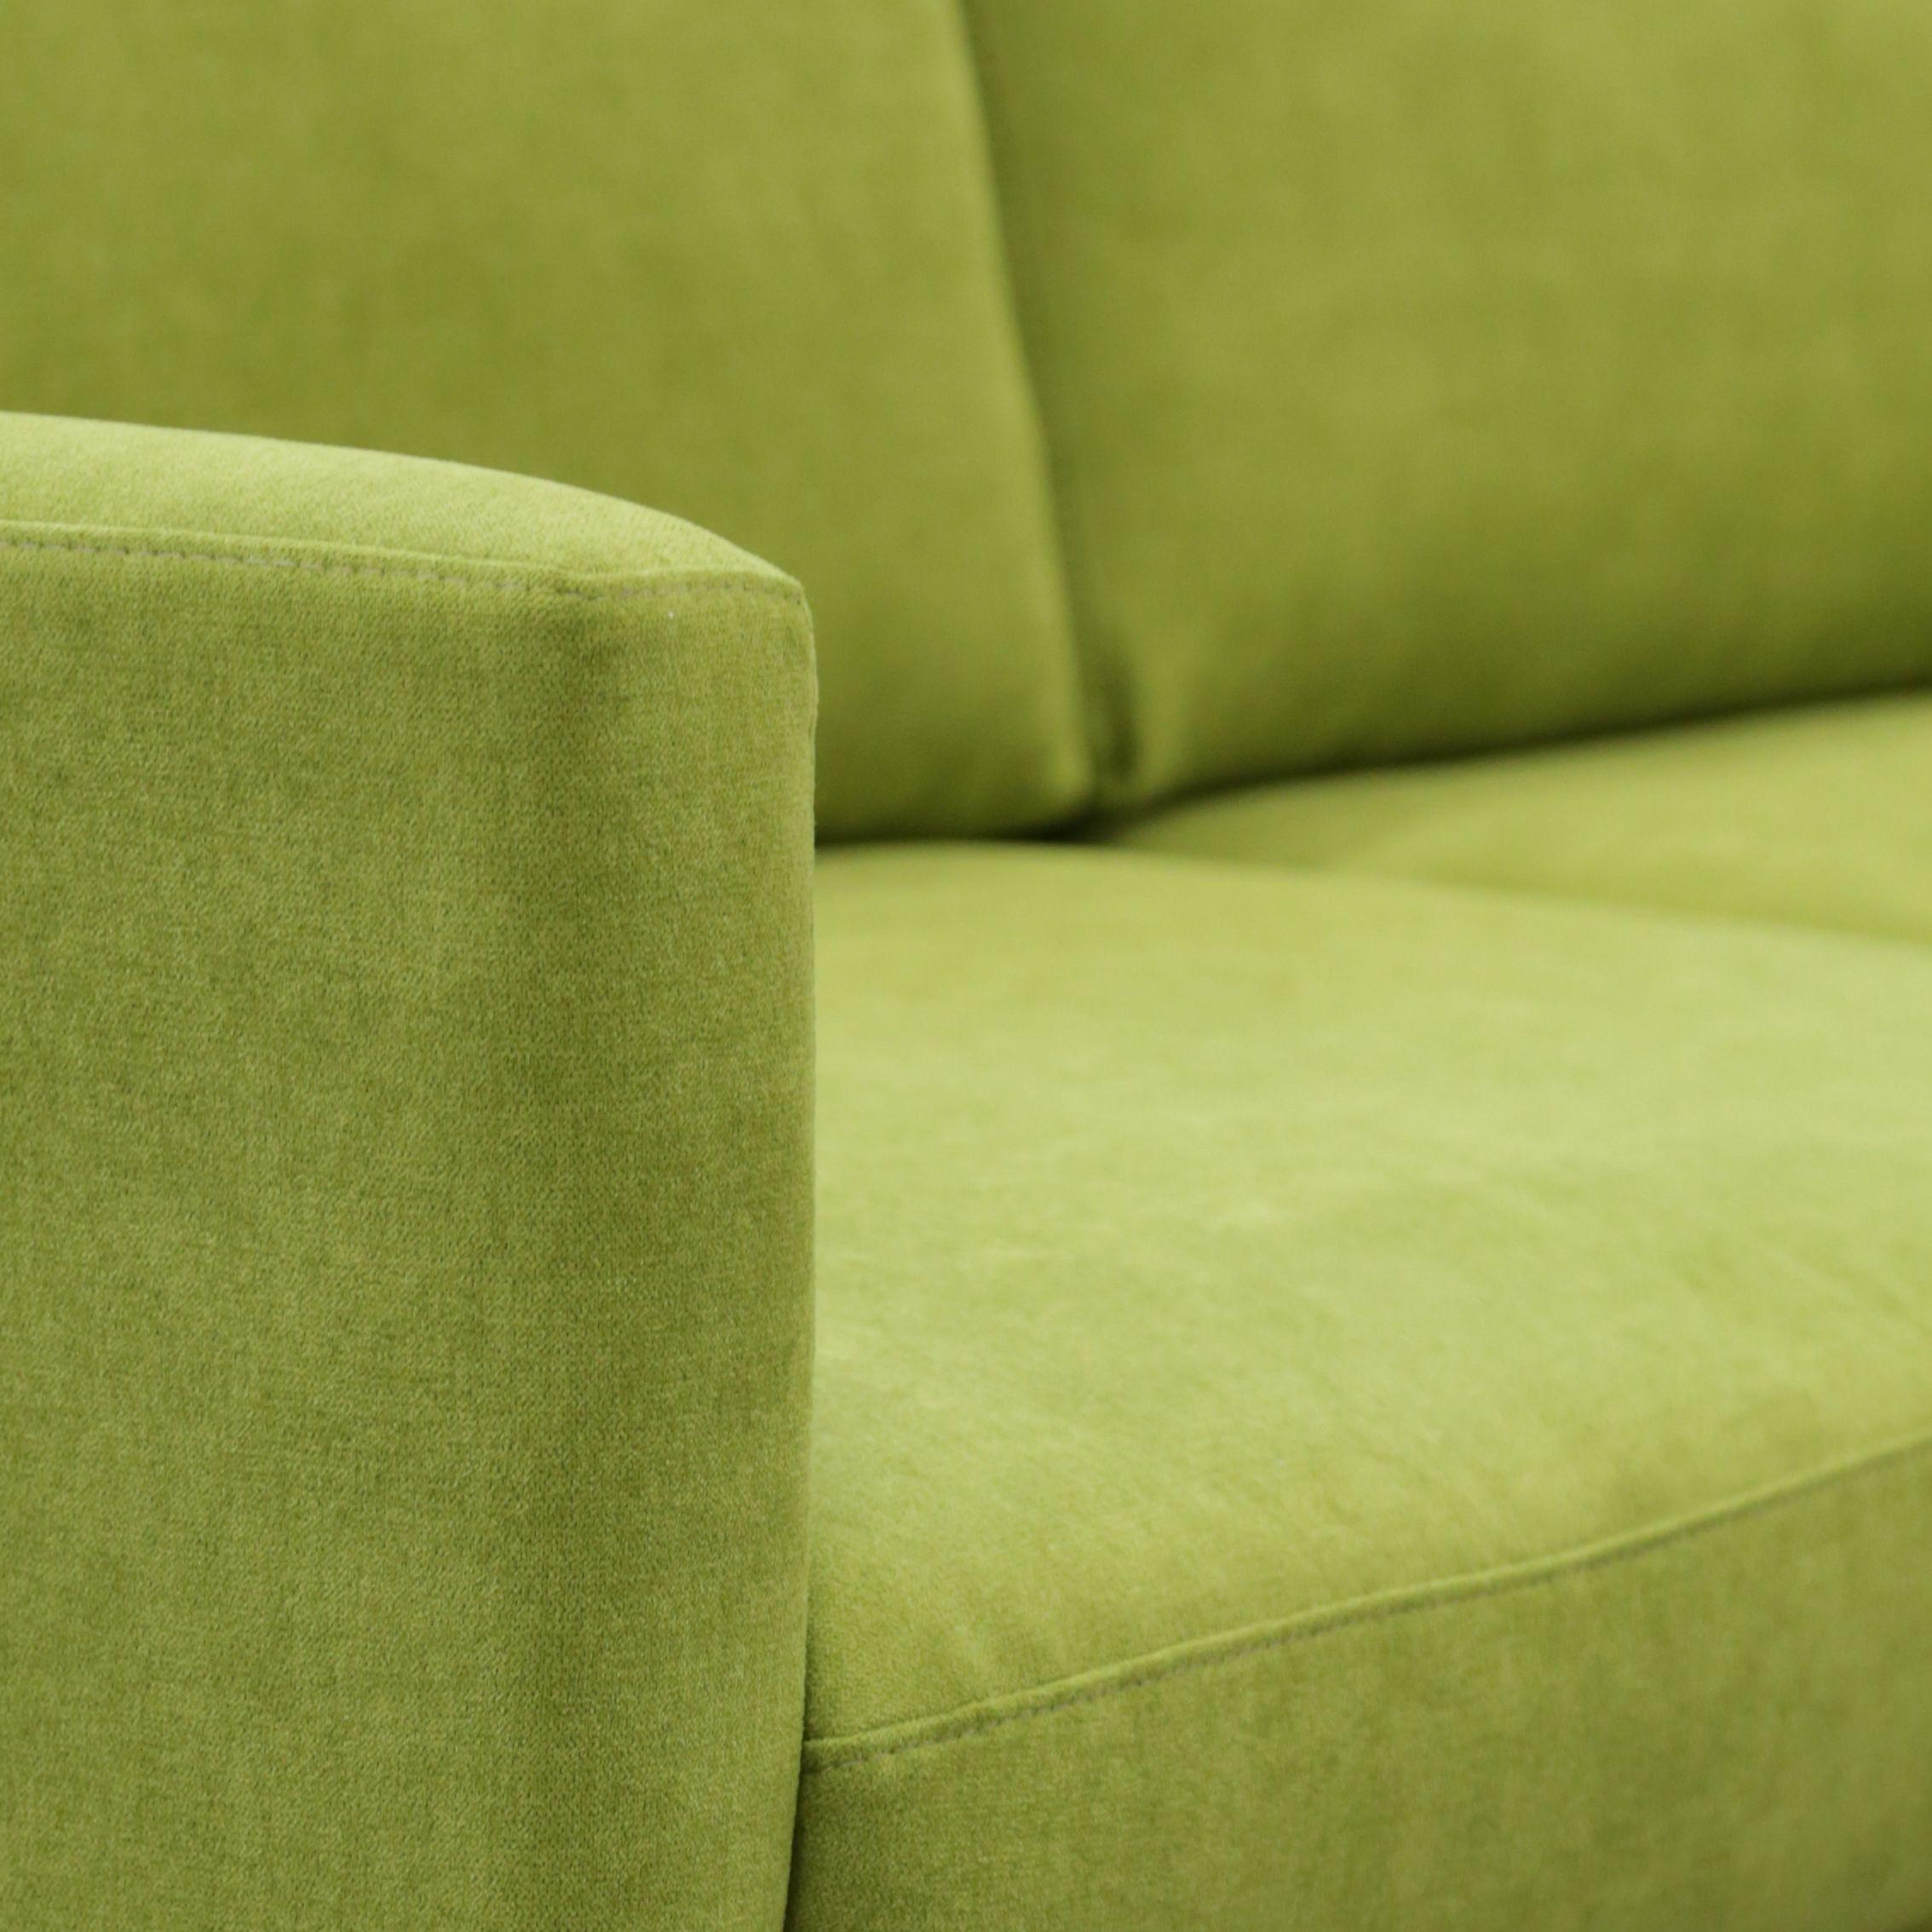 TEHDÄÄN HYVIN   HANDMADE QUALITY Työvaihe: Verhoilu   Craft: Upholstery Tuotantolinja: Sohvat   Production line: Sofas  #pohjanmaan #pohjanmaankaluste #käsintehty